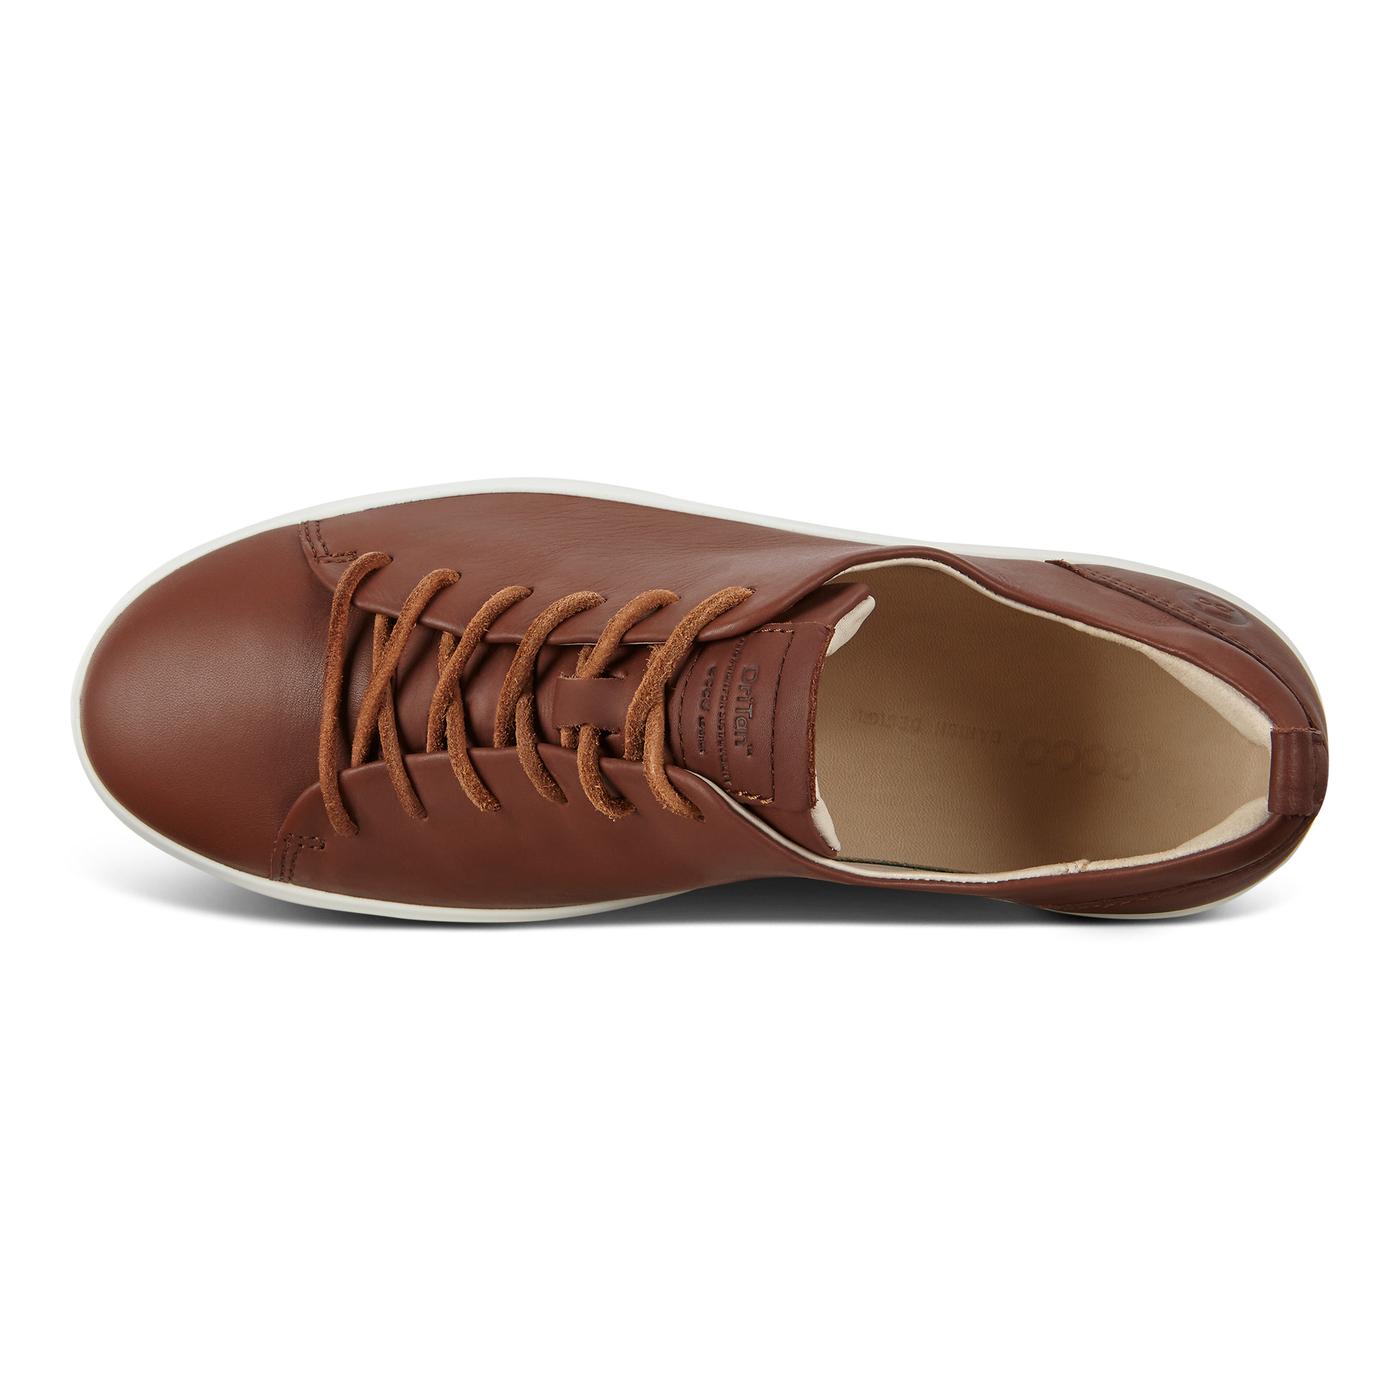 ECCO SOFT8 Womens DriTan Low Cut Sneaker Tie